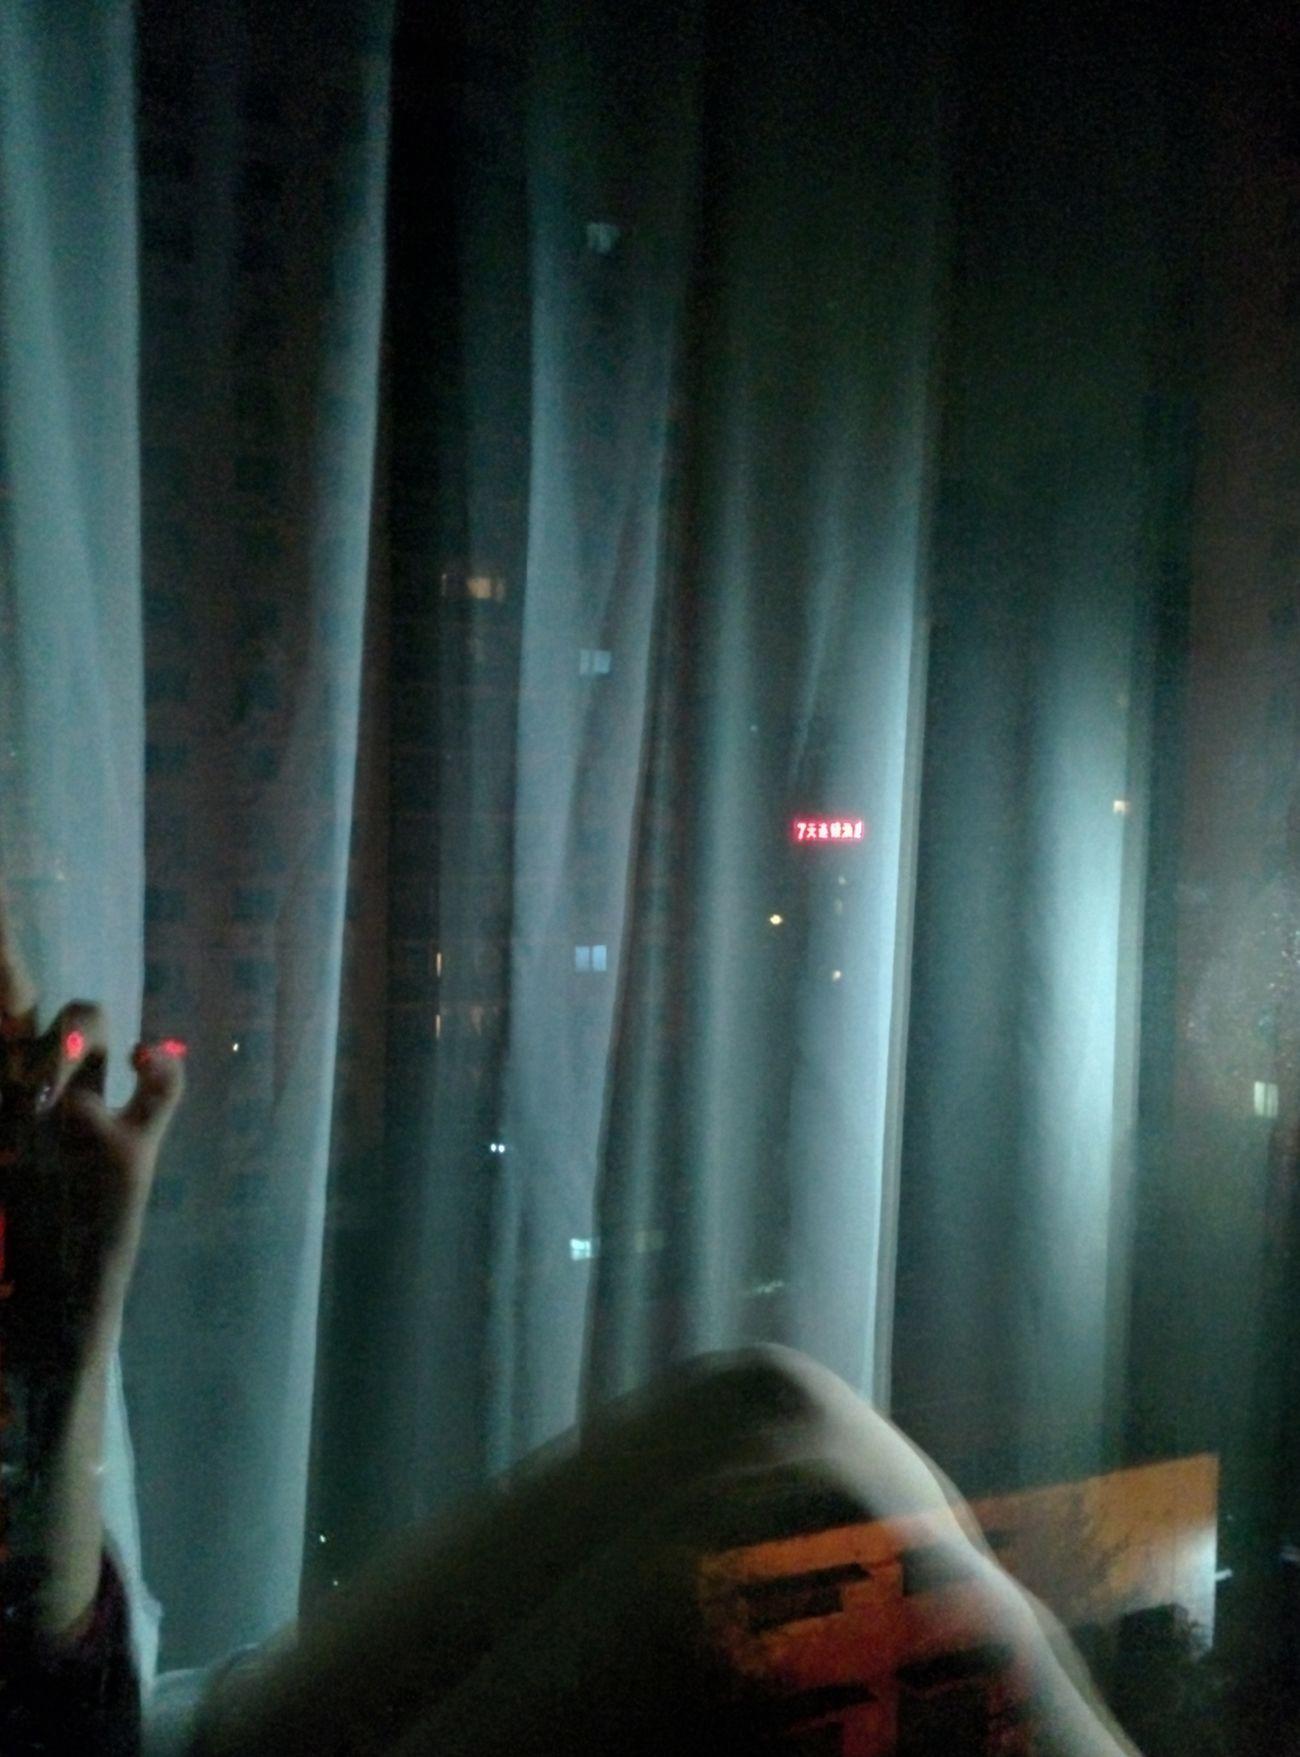 Hotel China Beijing Window